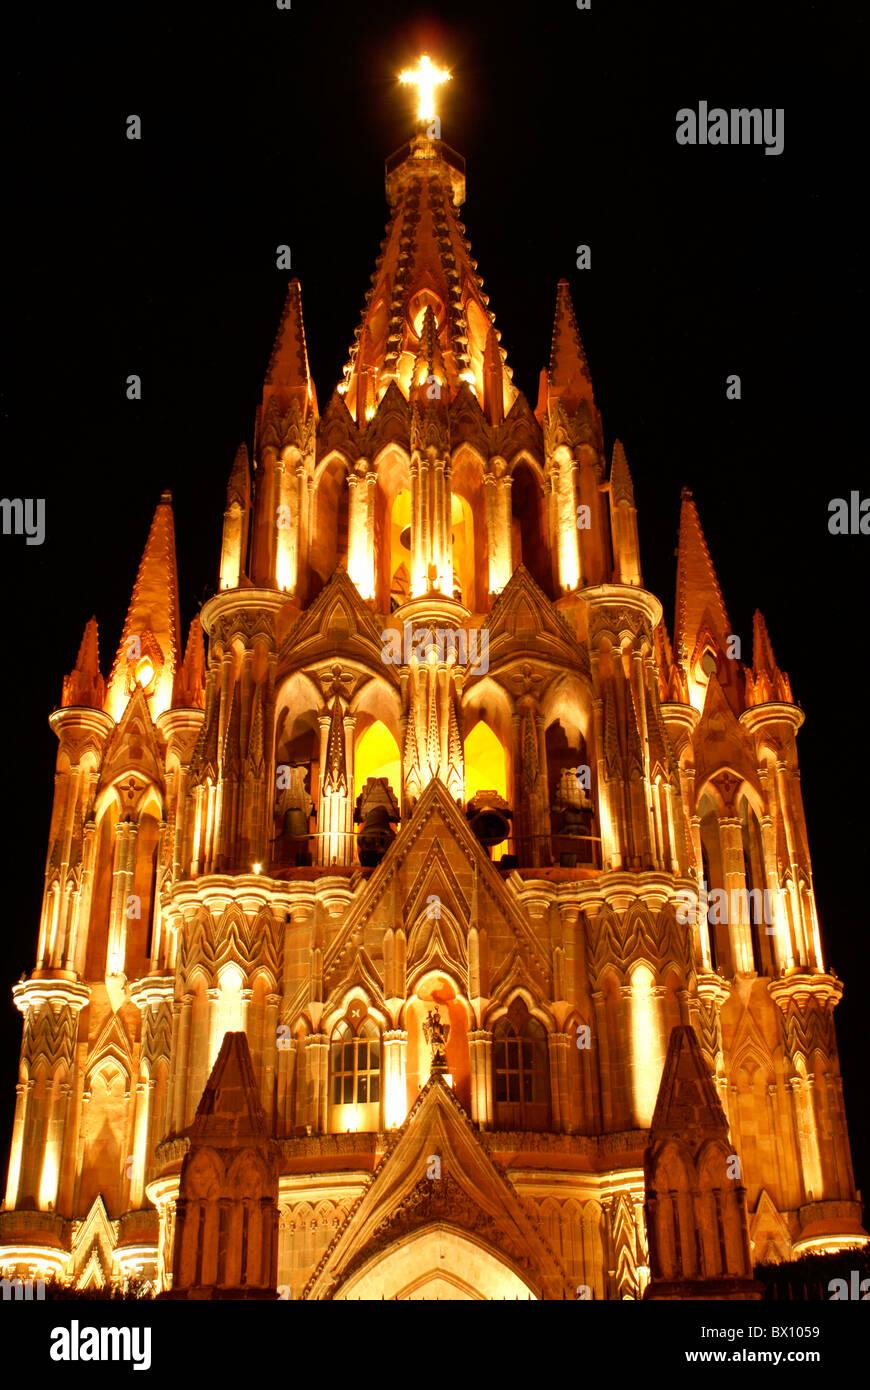 Steeple of the Parroquia de San Miguel Acangel parish church at night, San Miguel de Allende, Mexico. Stock Photo